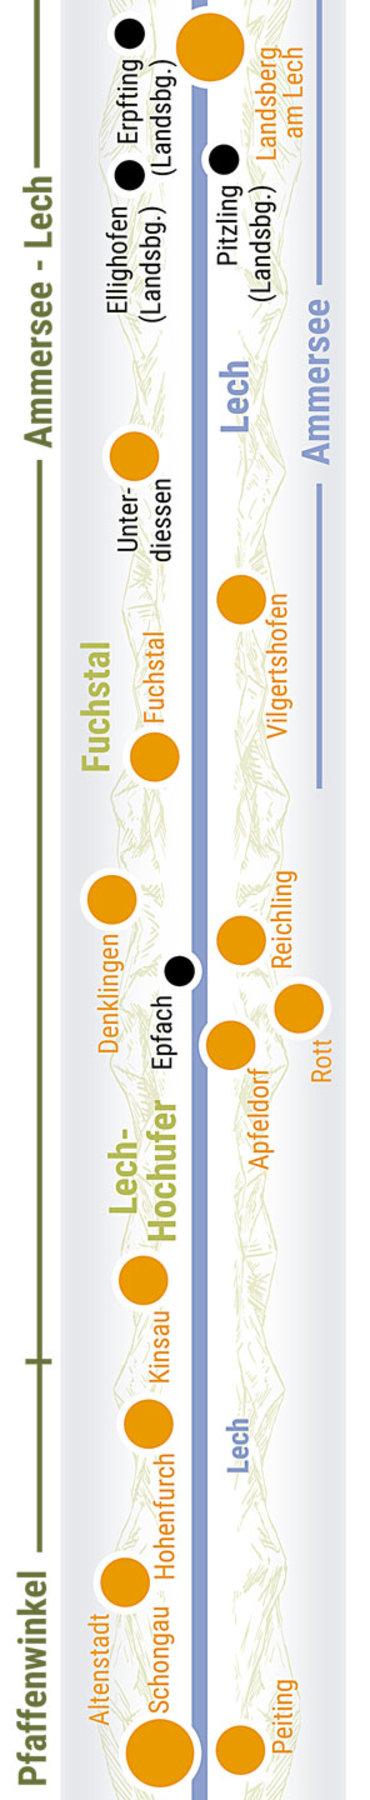 Übersichtskarte rechts Teilabschnitt 06 Lechrain